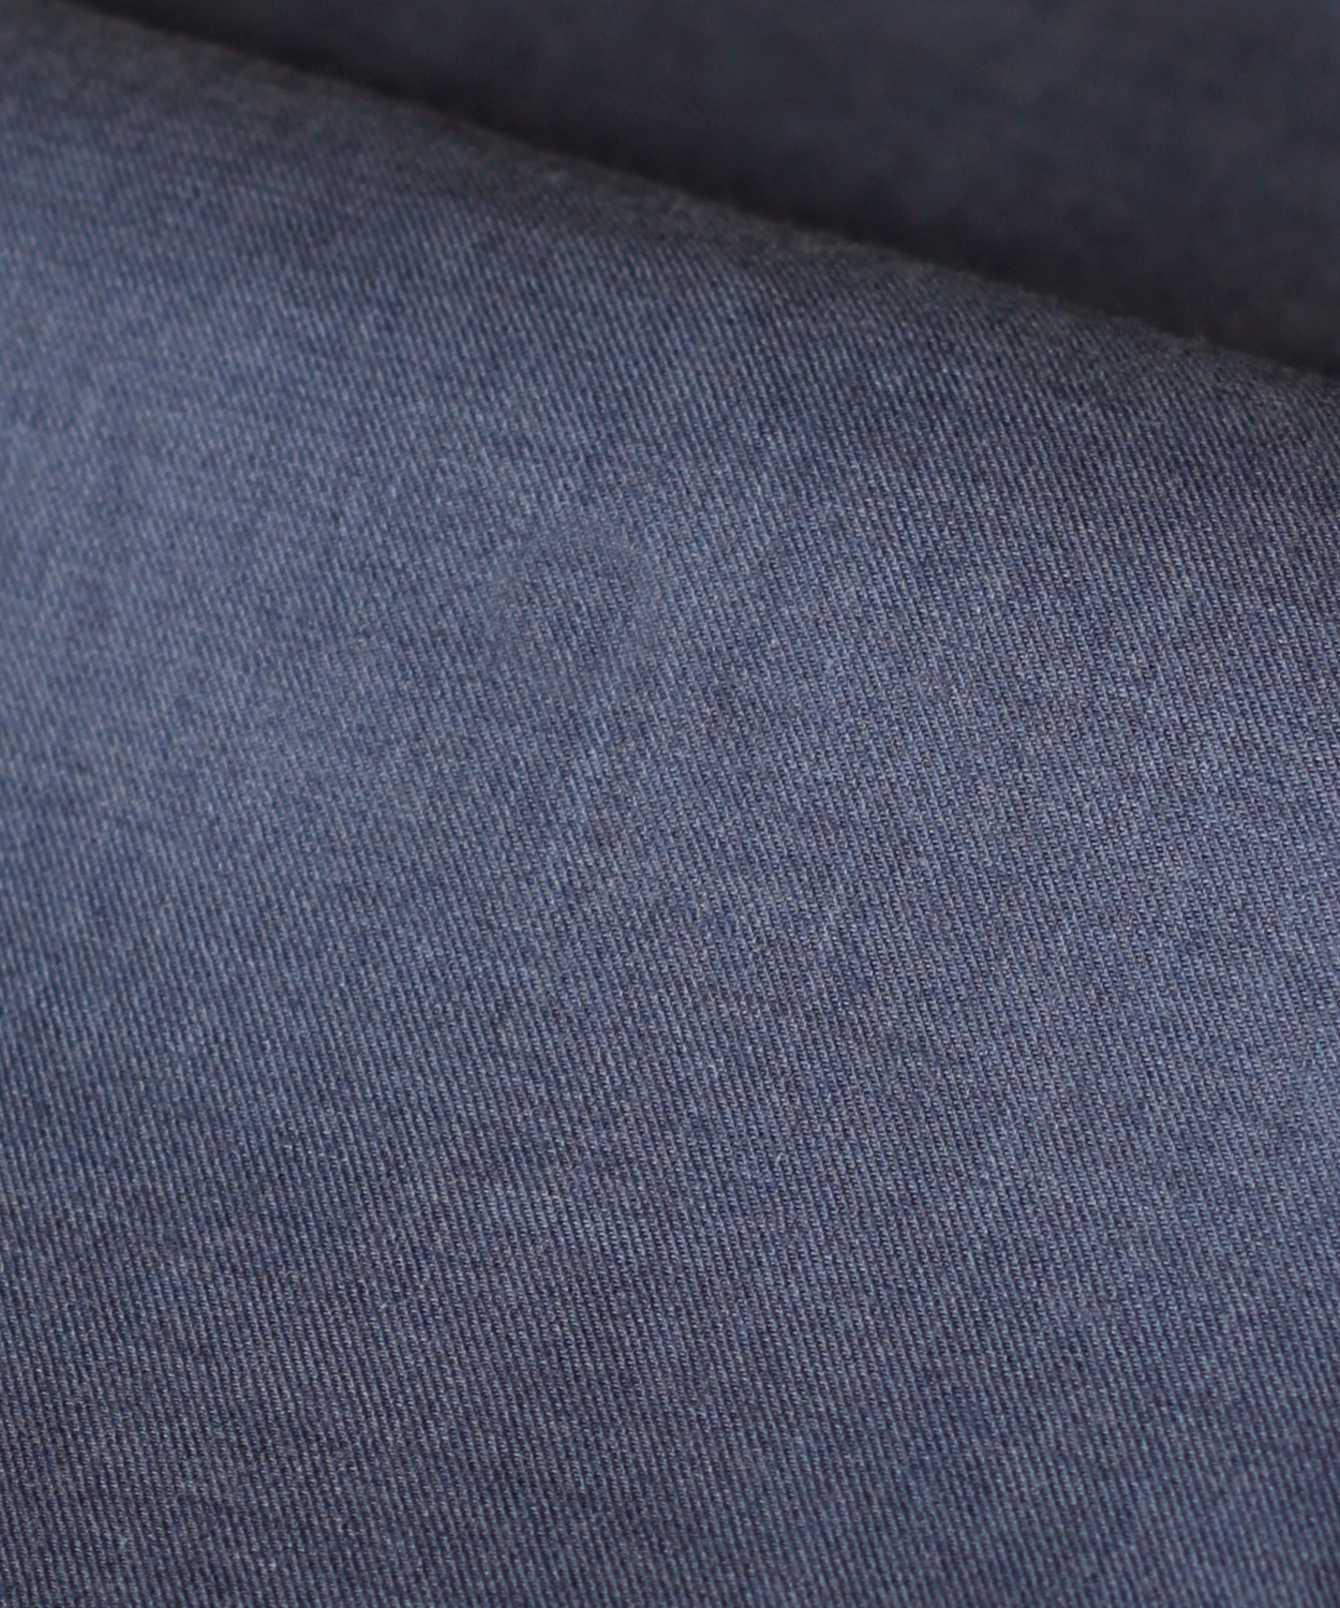 Skjorta Costello blå The Shirt Factory